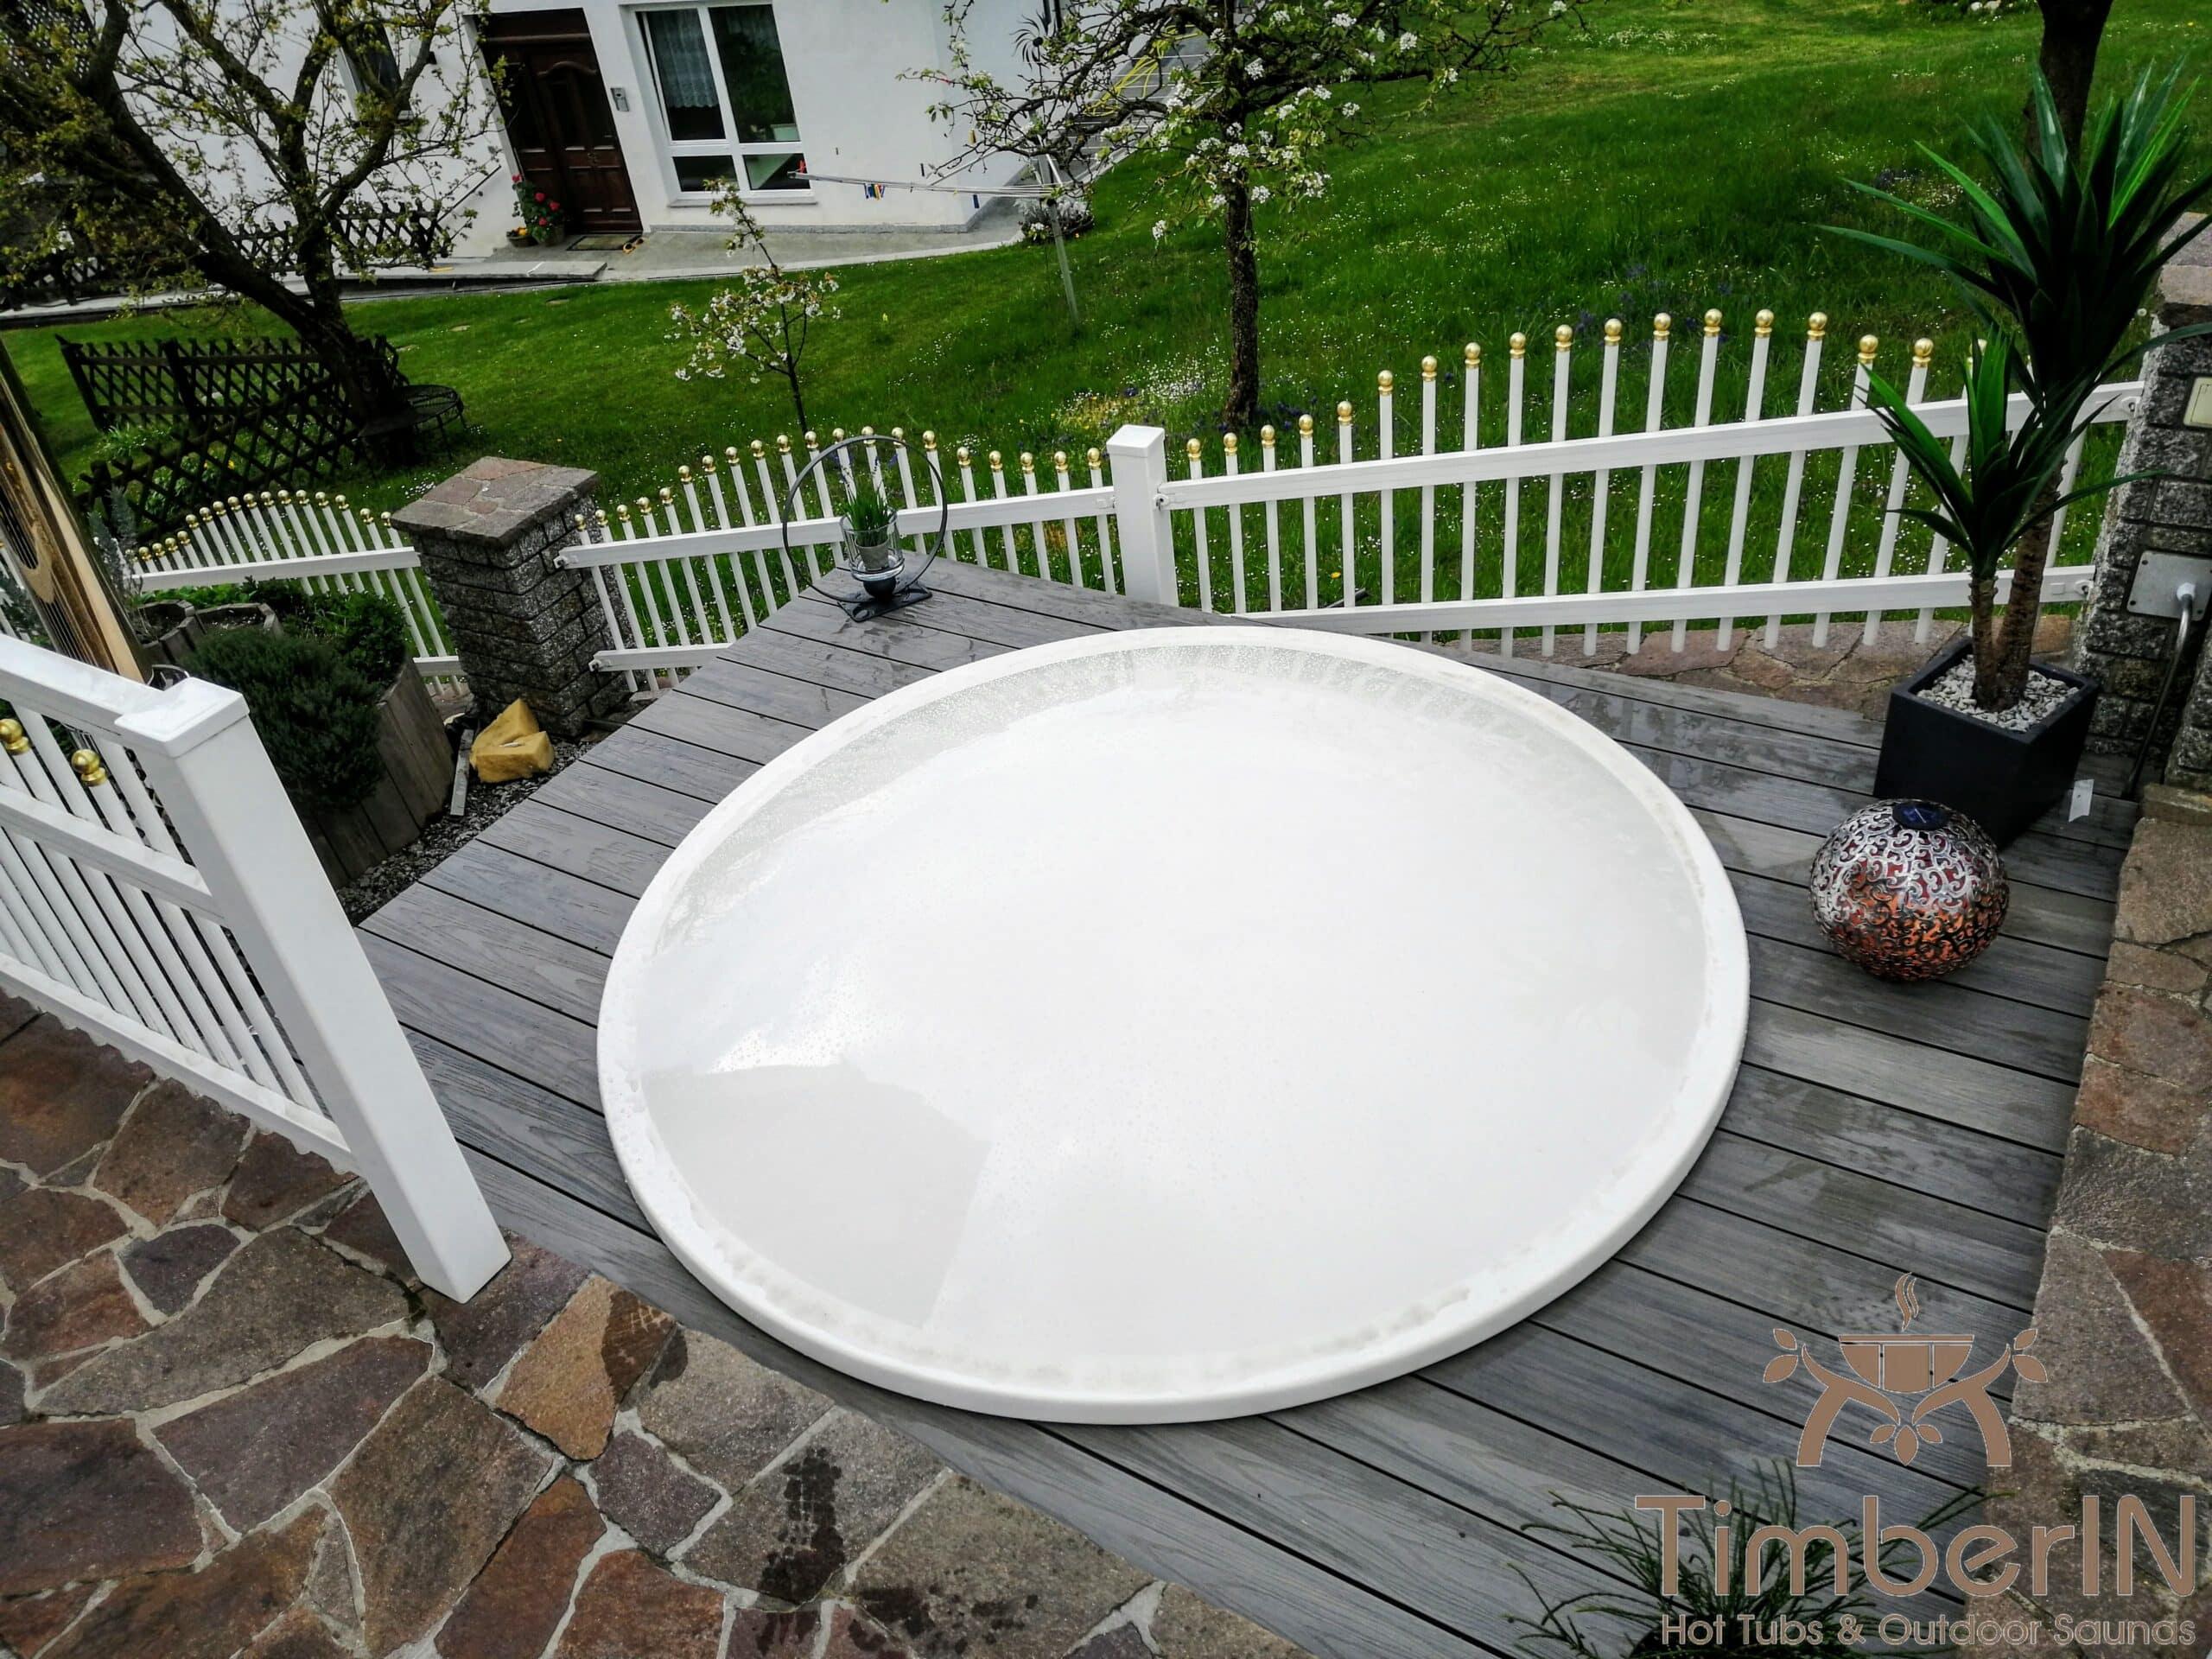 Badezuber Badefass Einbaumodell Einsatz Eingraben Eingelassen 2 1 scaled